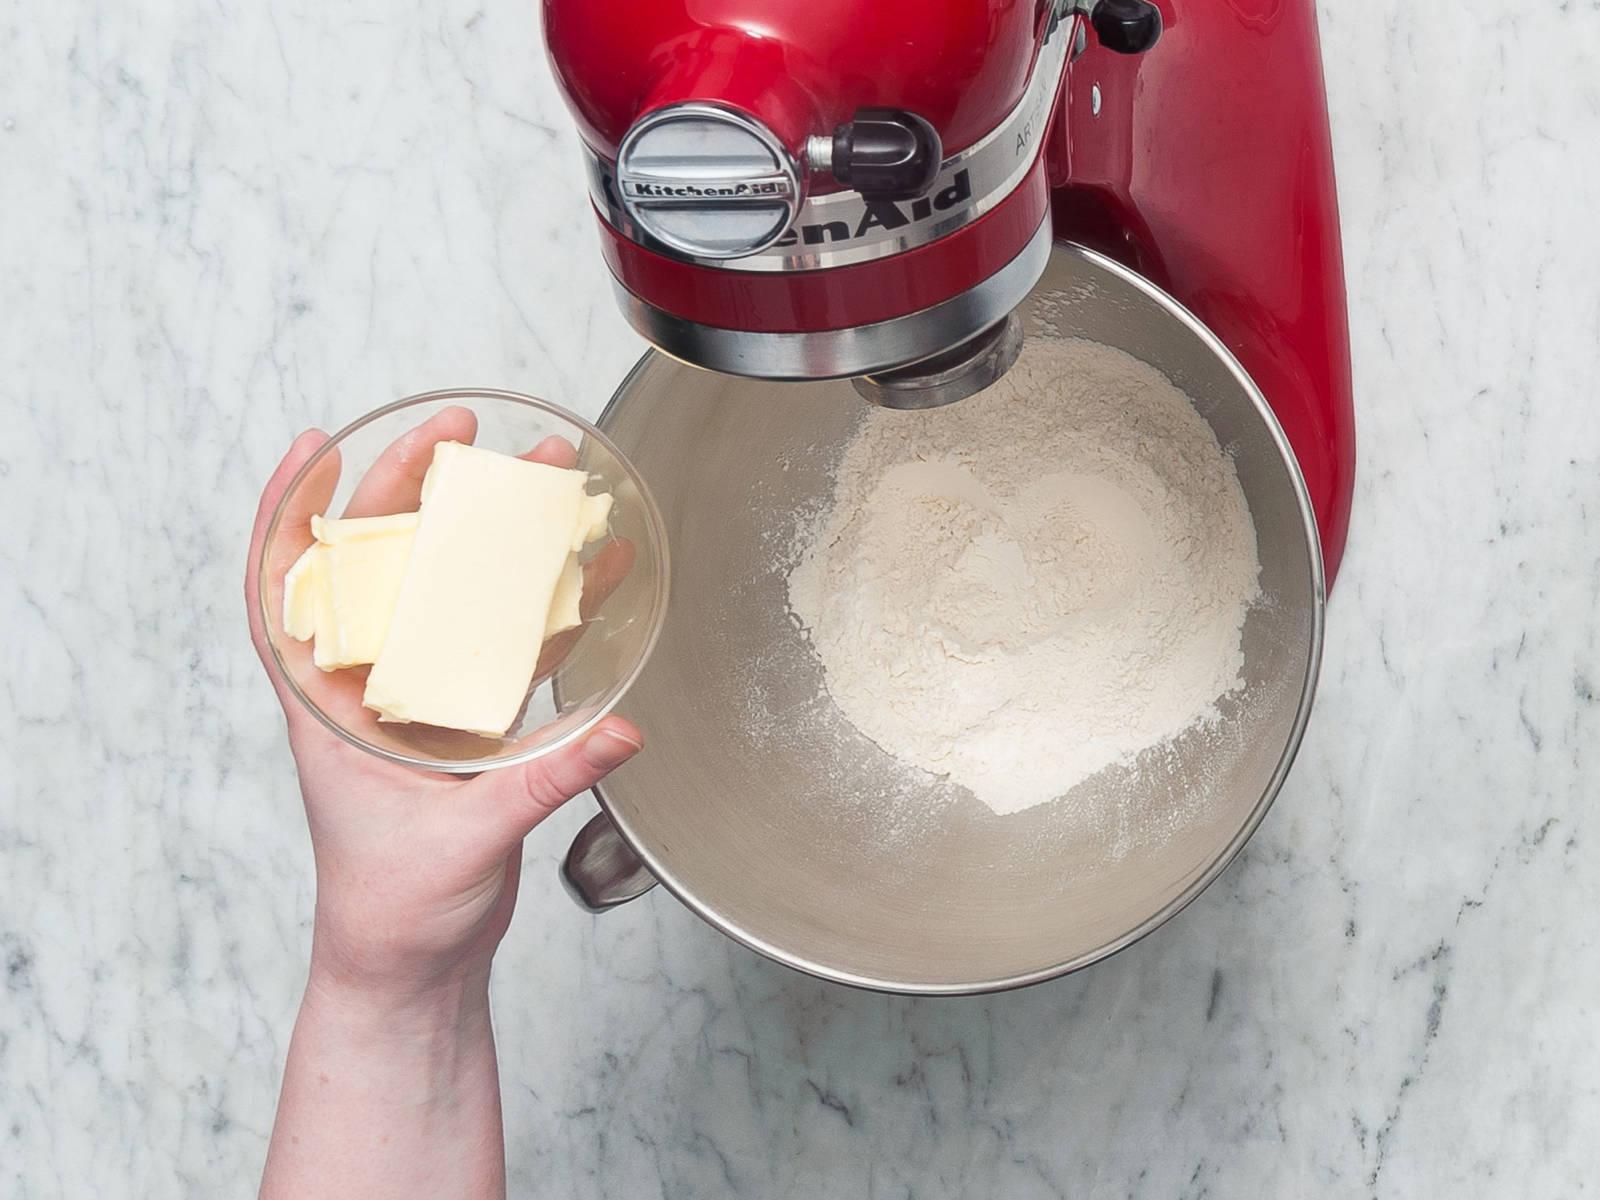 将面粉和泡打粉放到搅拌碗或立式搅拌机的碗中,混合均匀。加入黄油,搅拌混合,直至形成有着小疙瘩的面团。